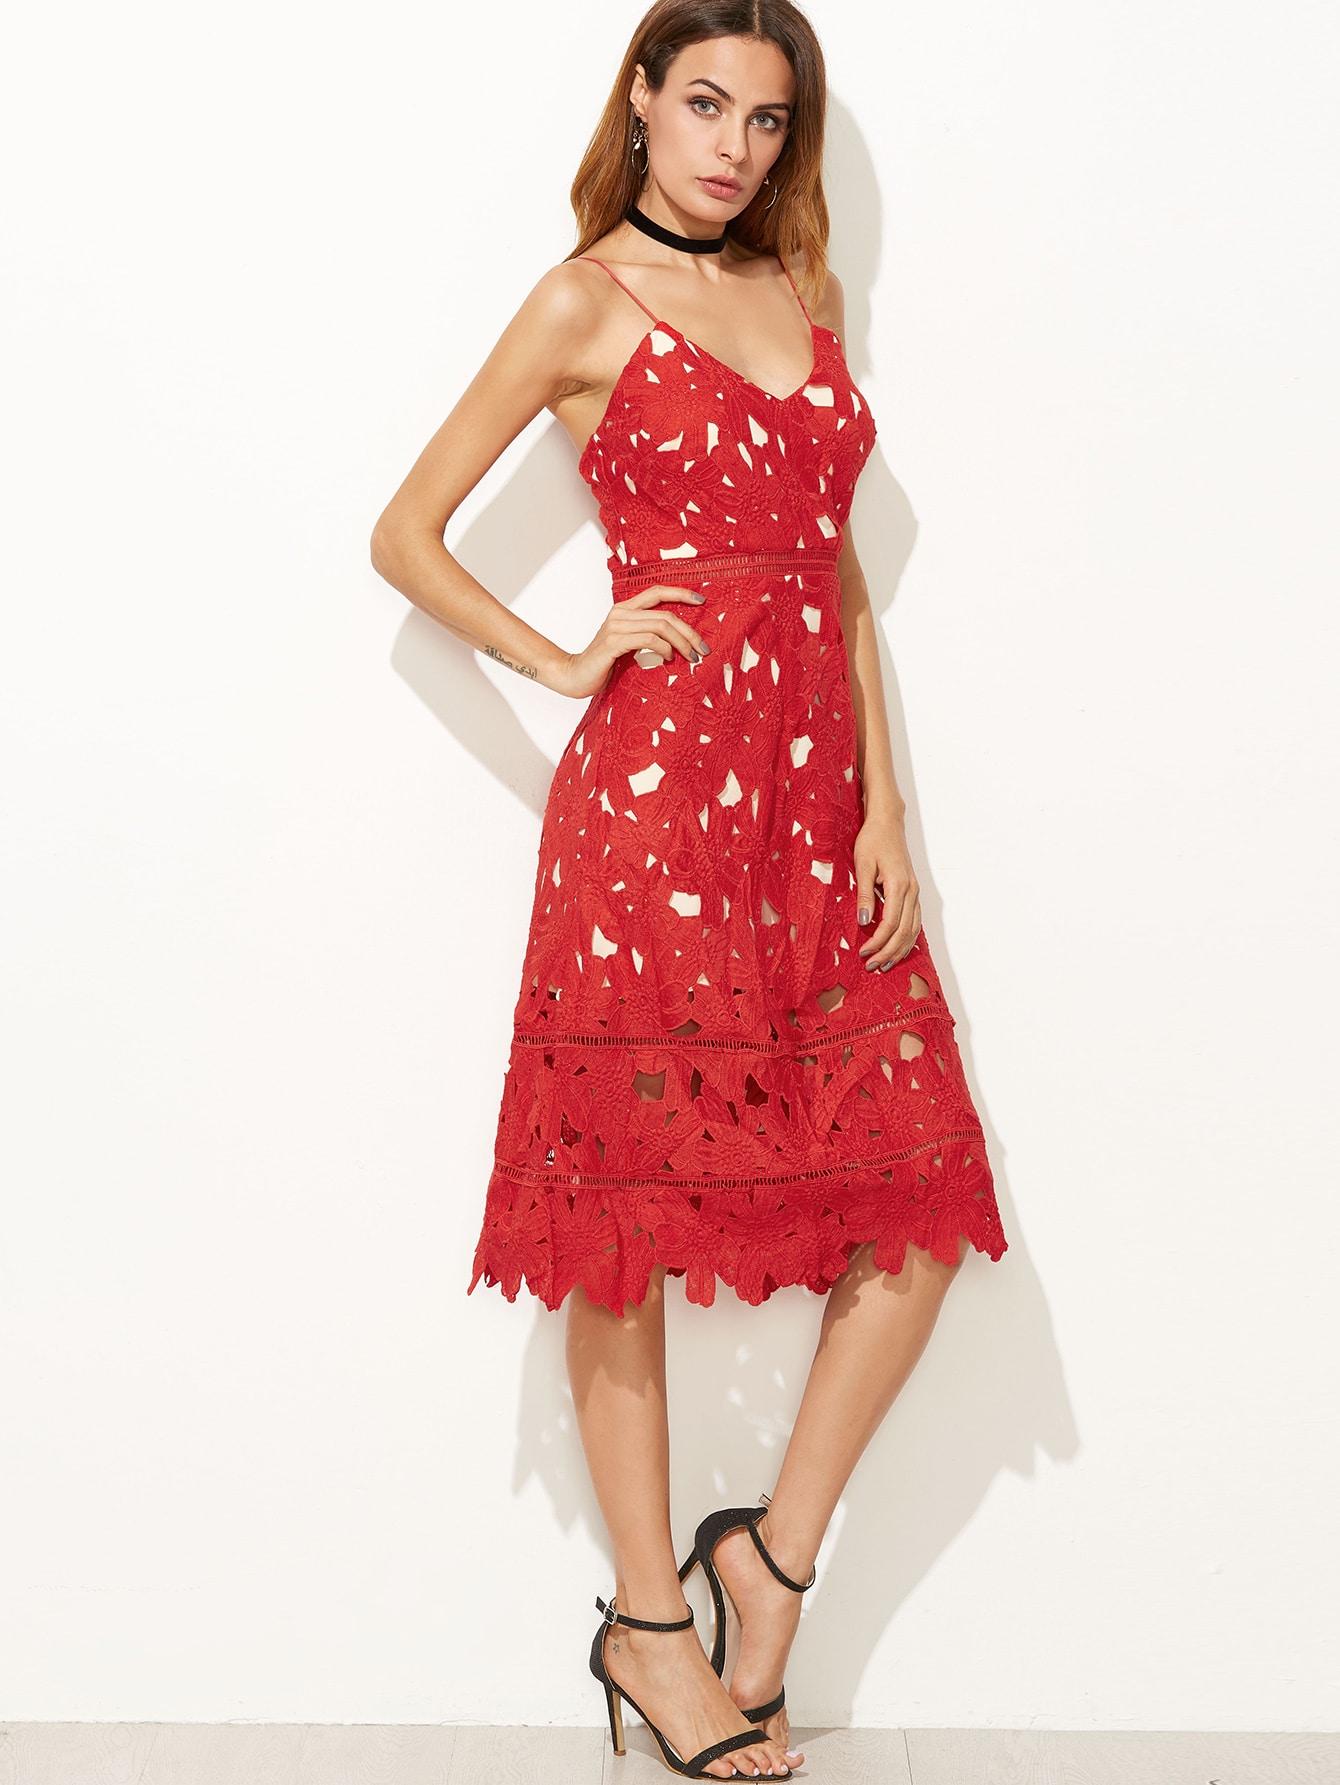 dress161101711_2